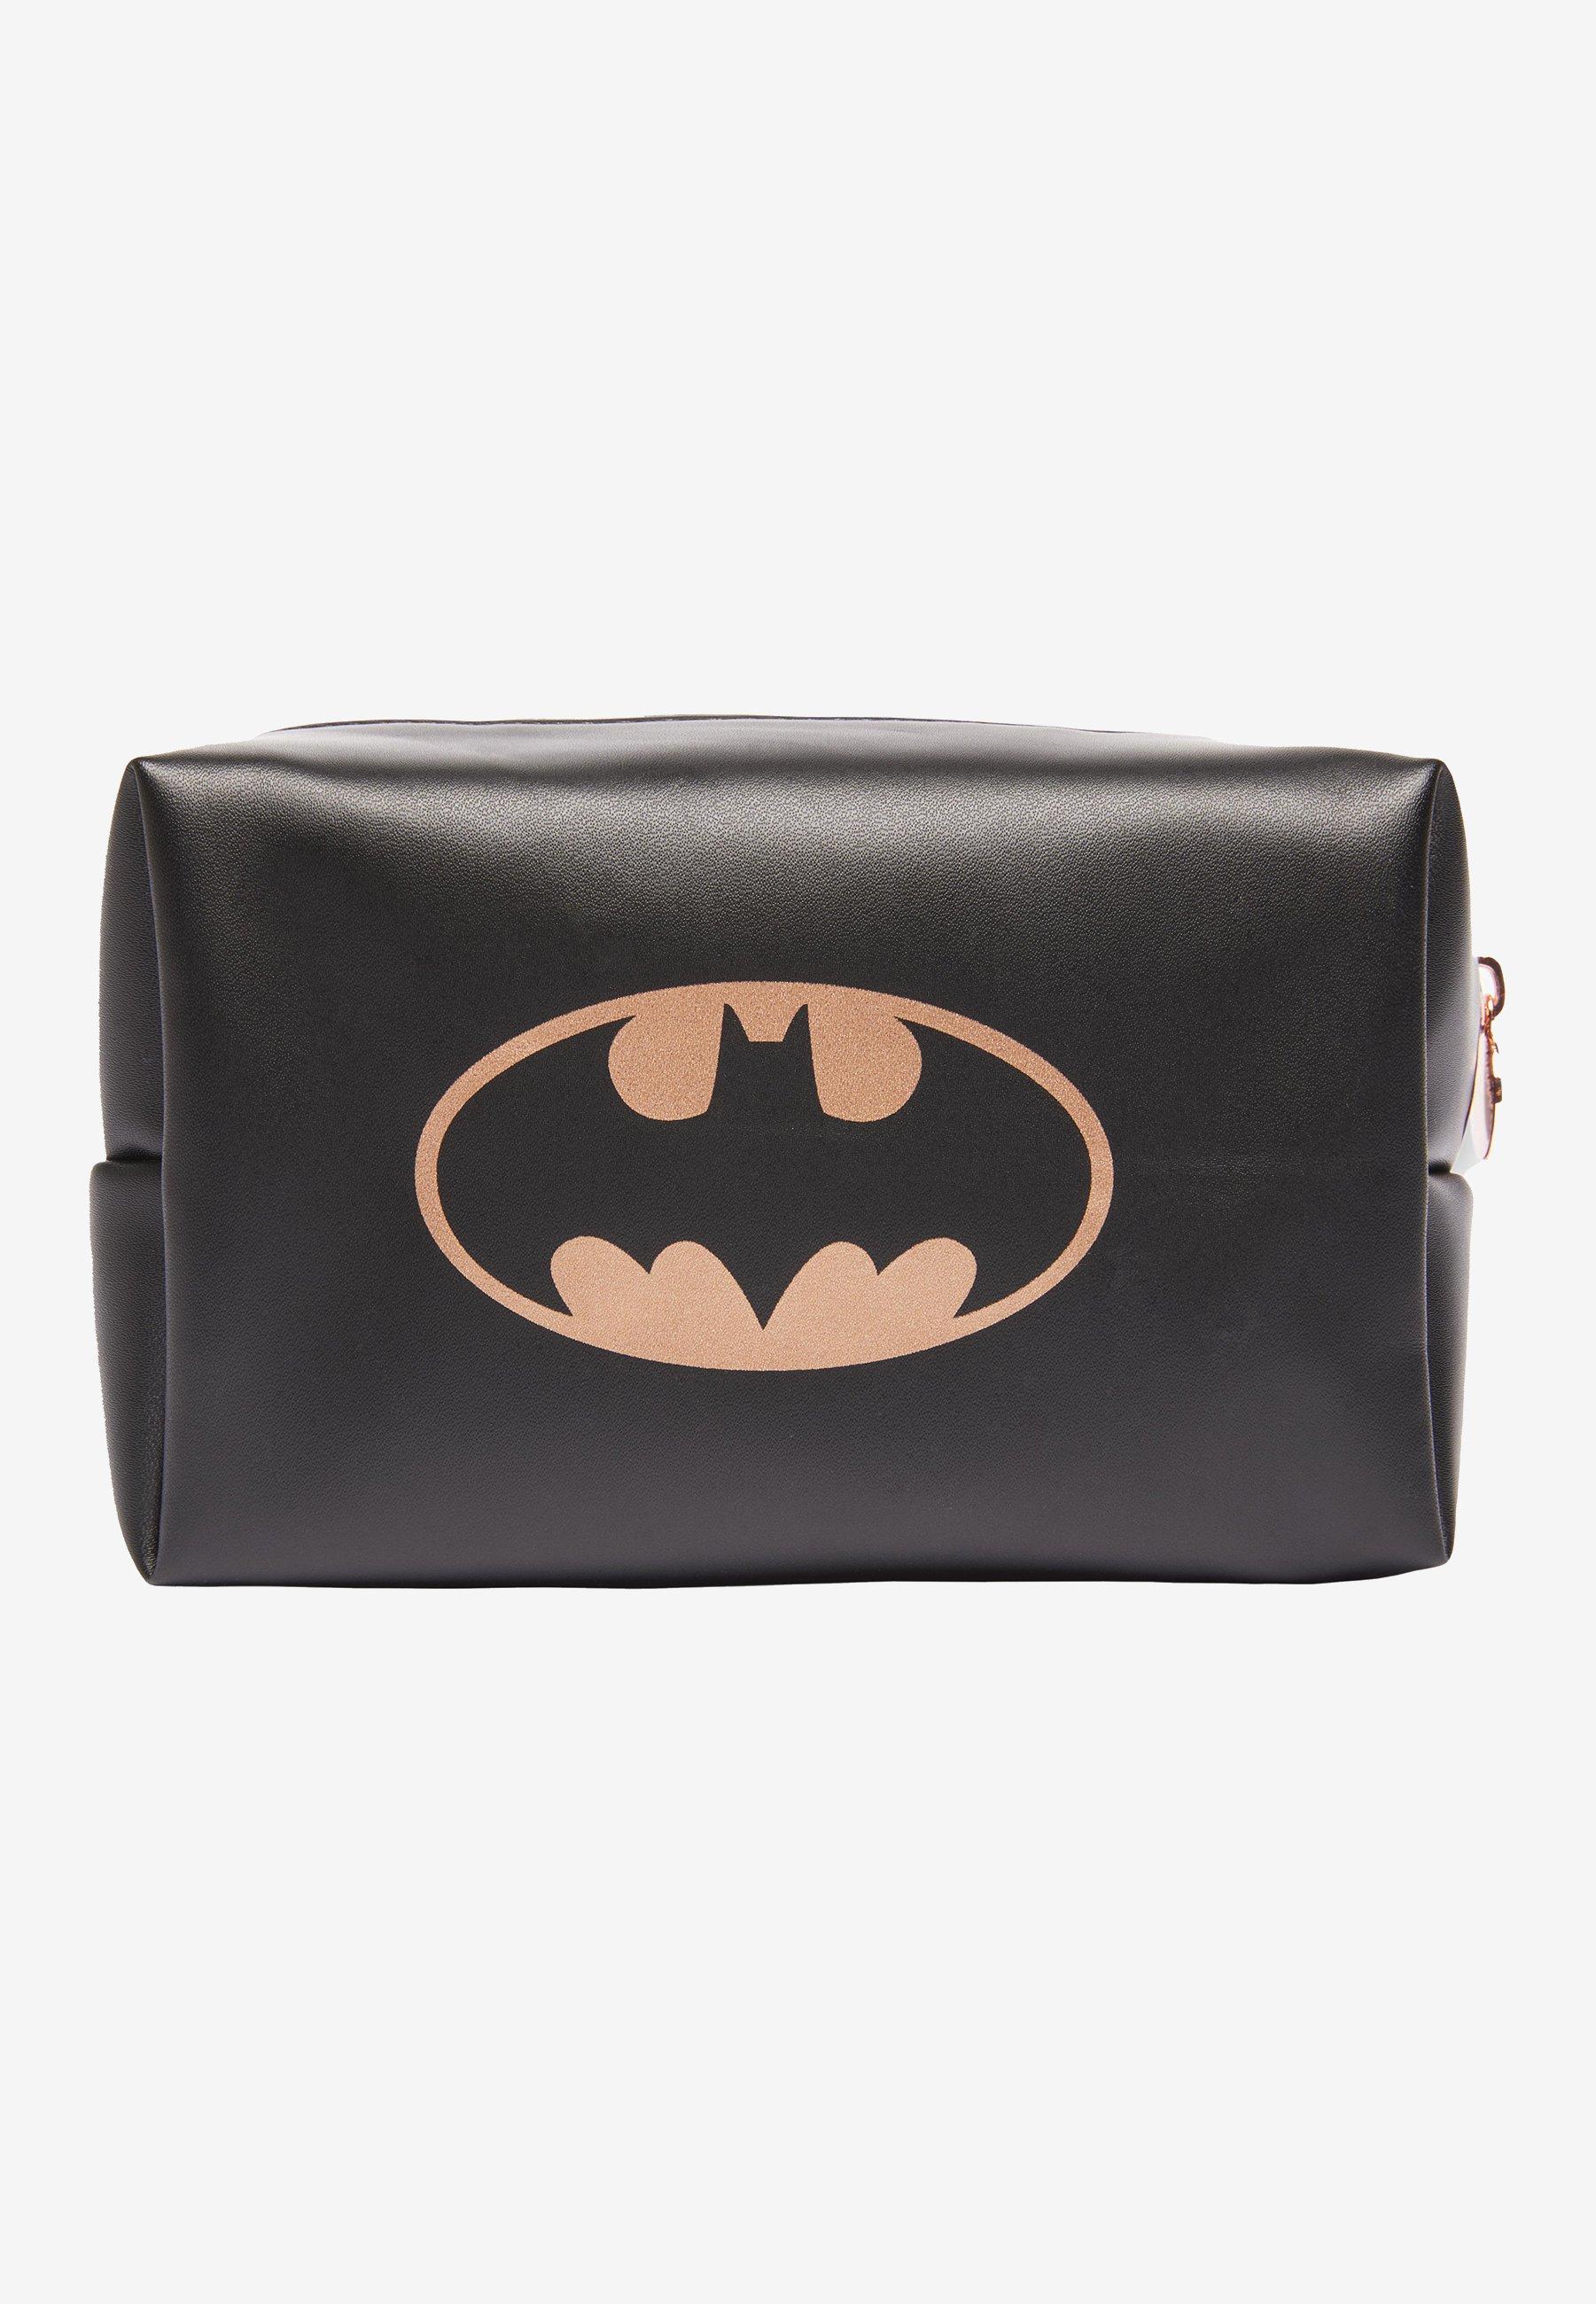 Damen REVOLUTION BATMAN MAKEUP BAG - Kosmetiktasche